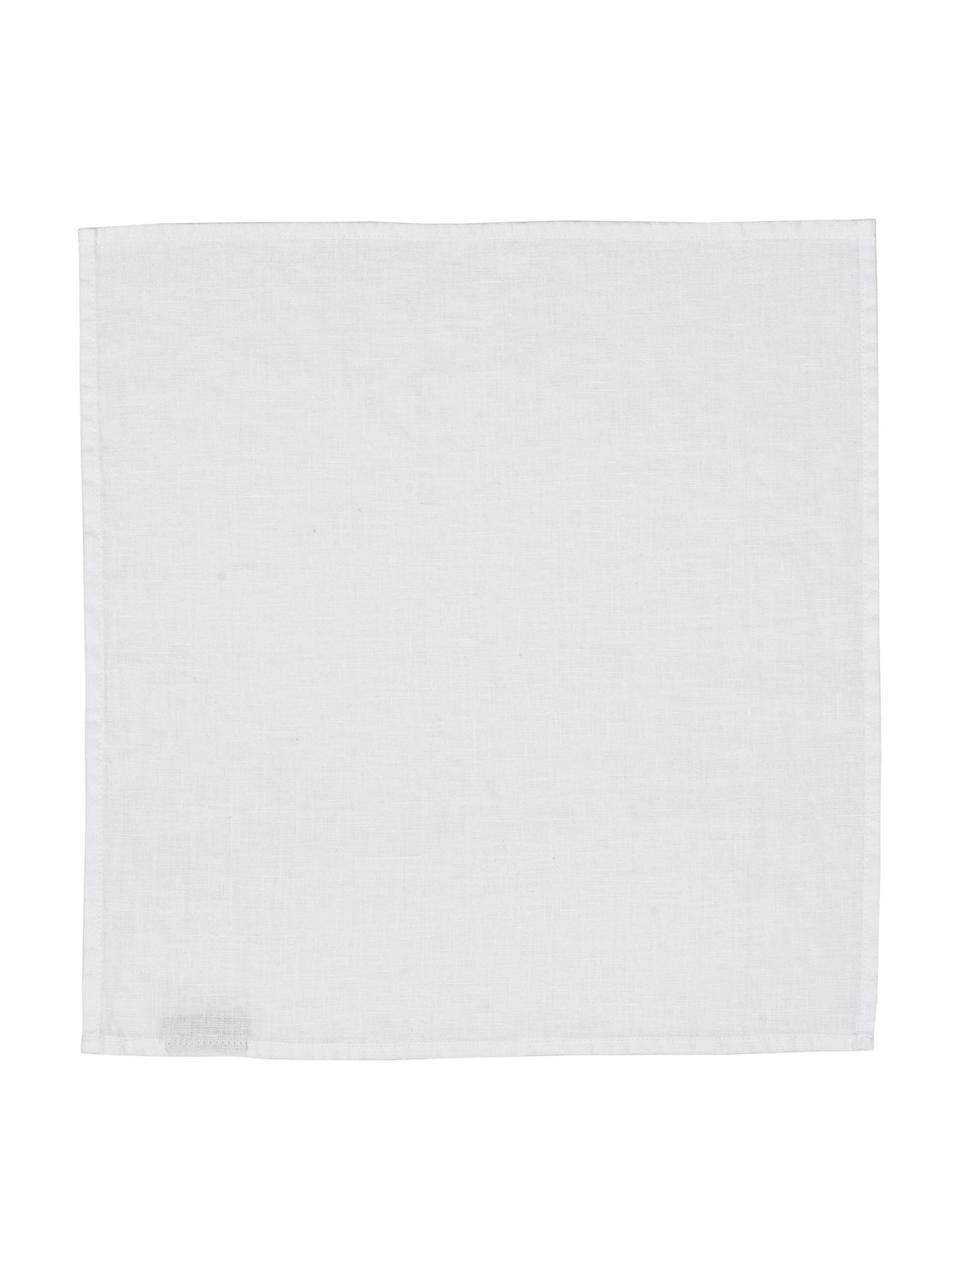 Serviettes de table pur lin Ruta, 6pièces, Blanc neige